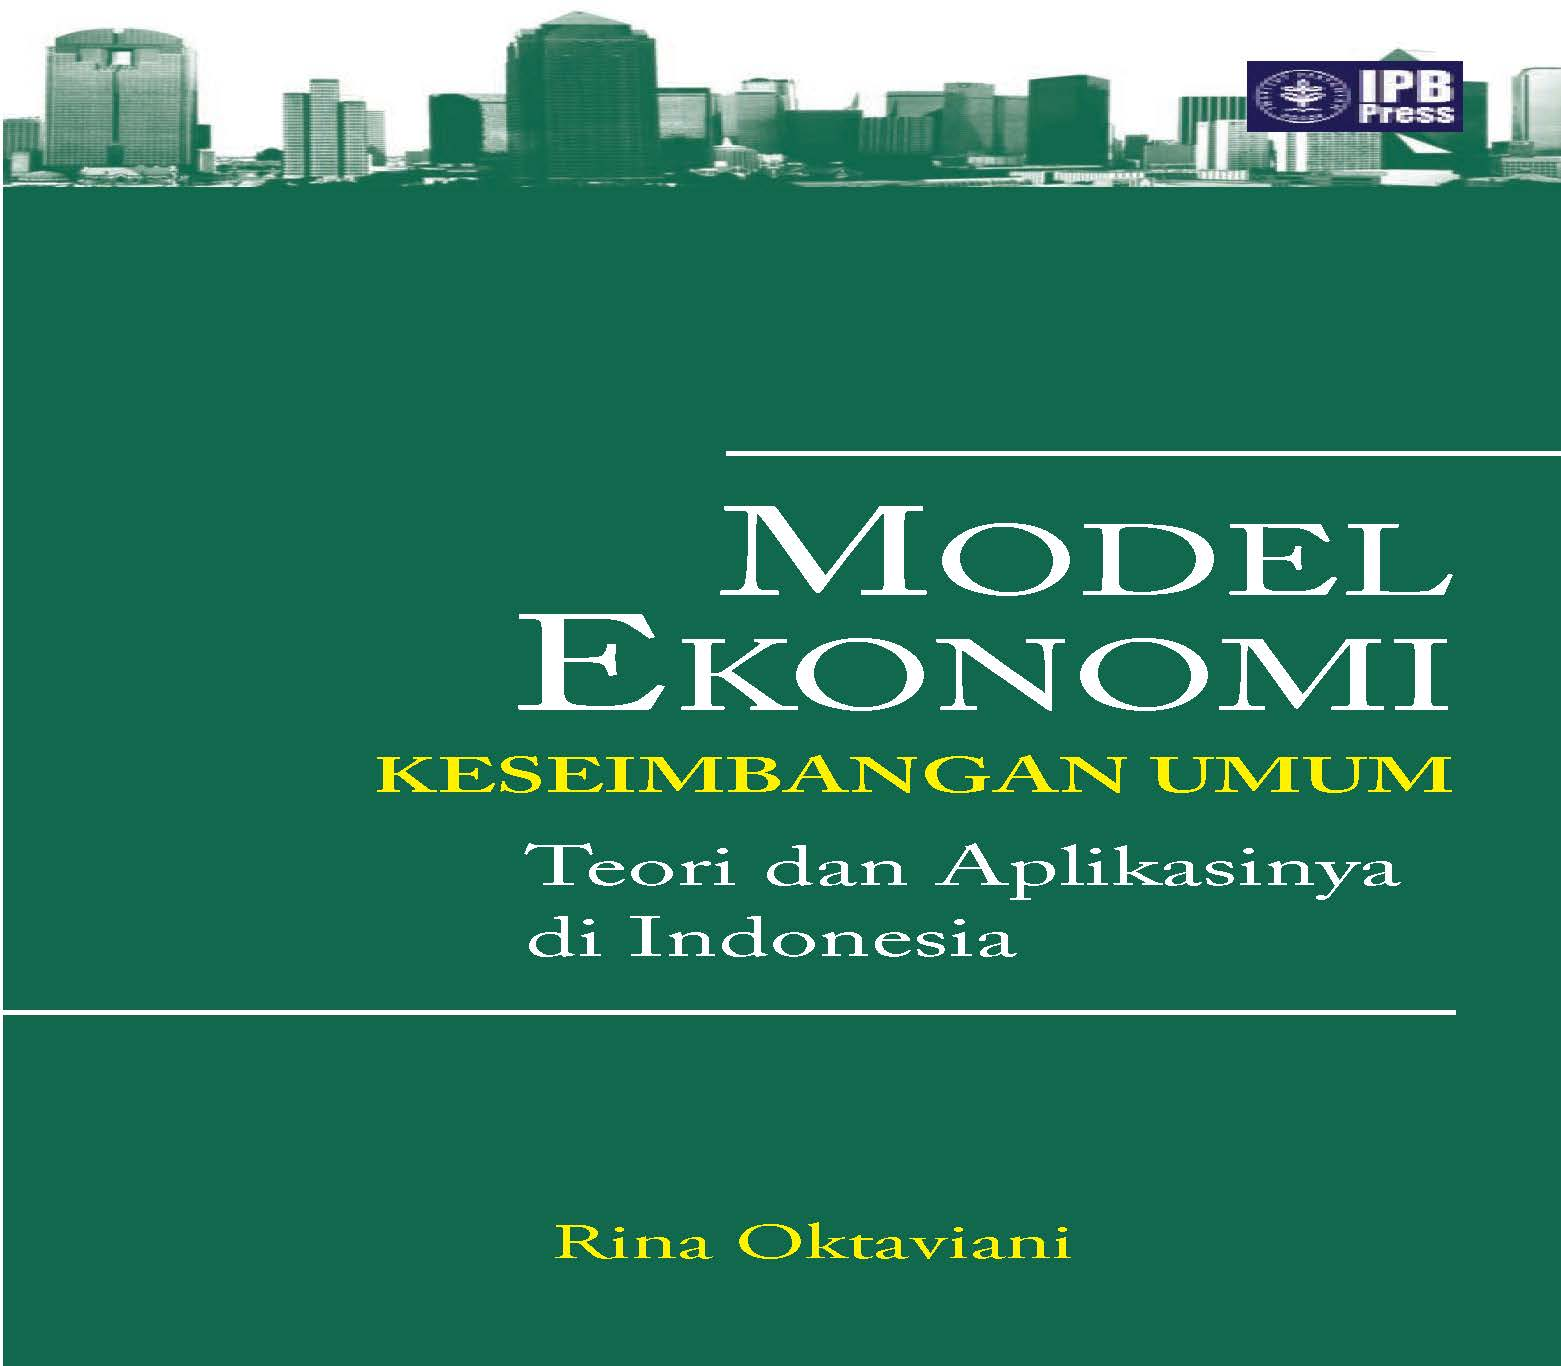 Model ekonomi keseimbangan umum [sumber elektronis]